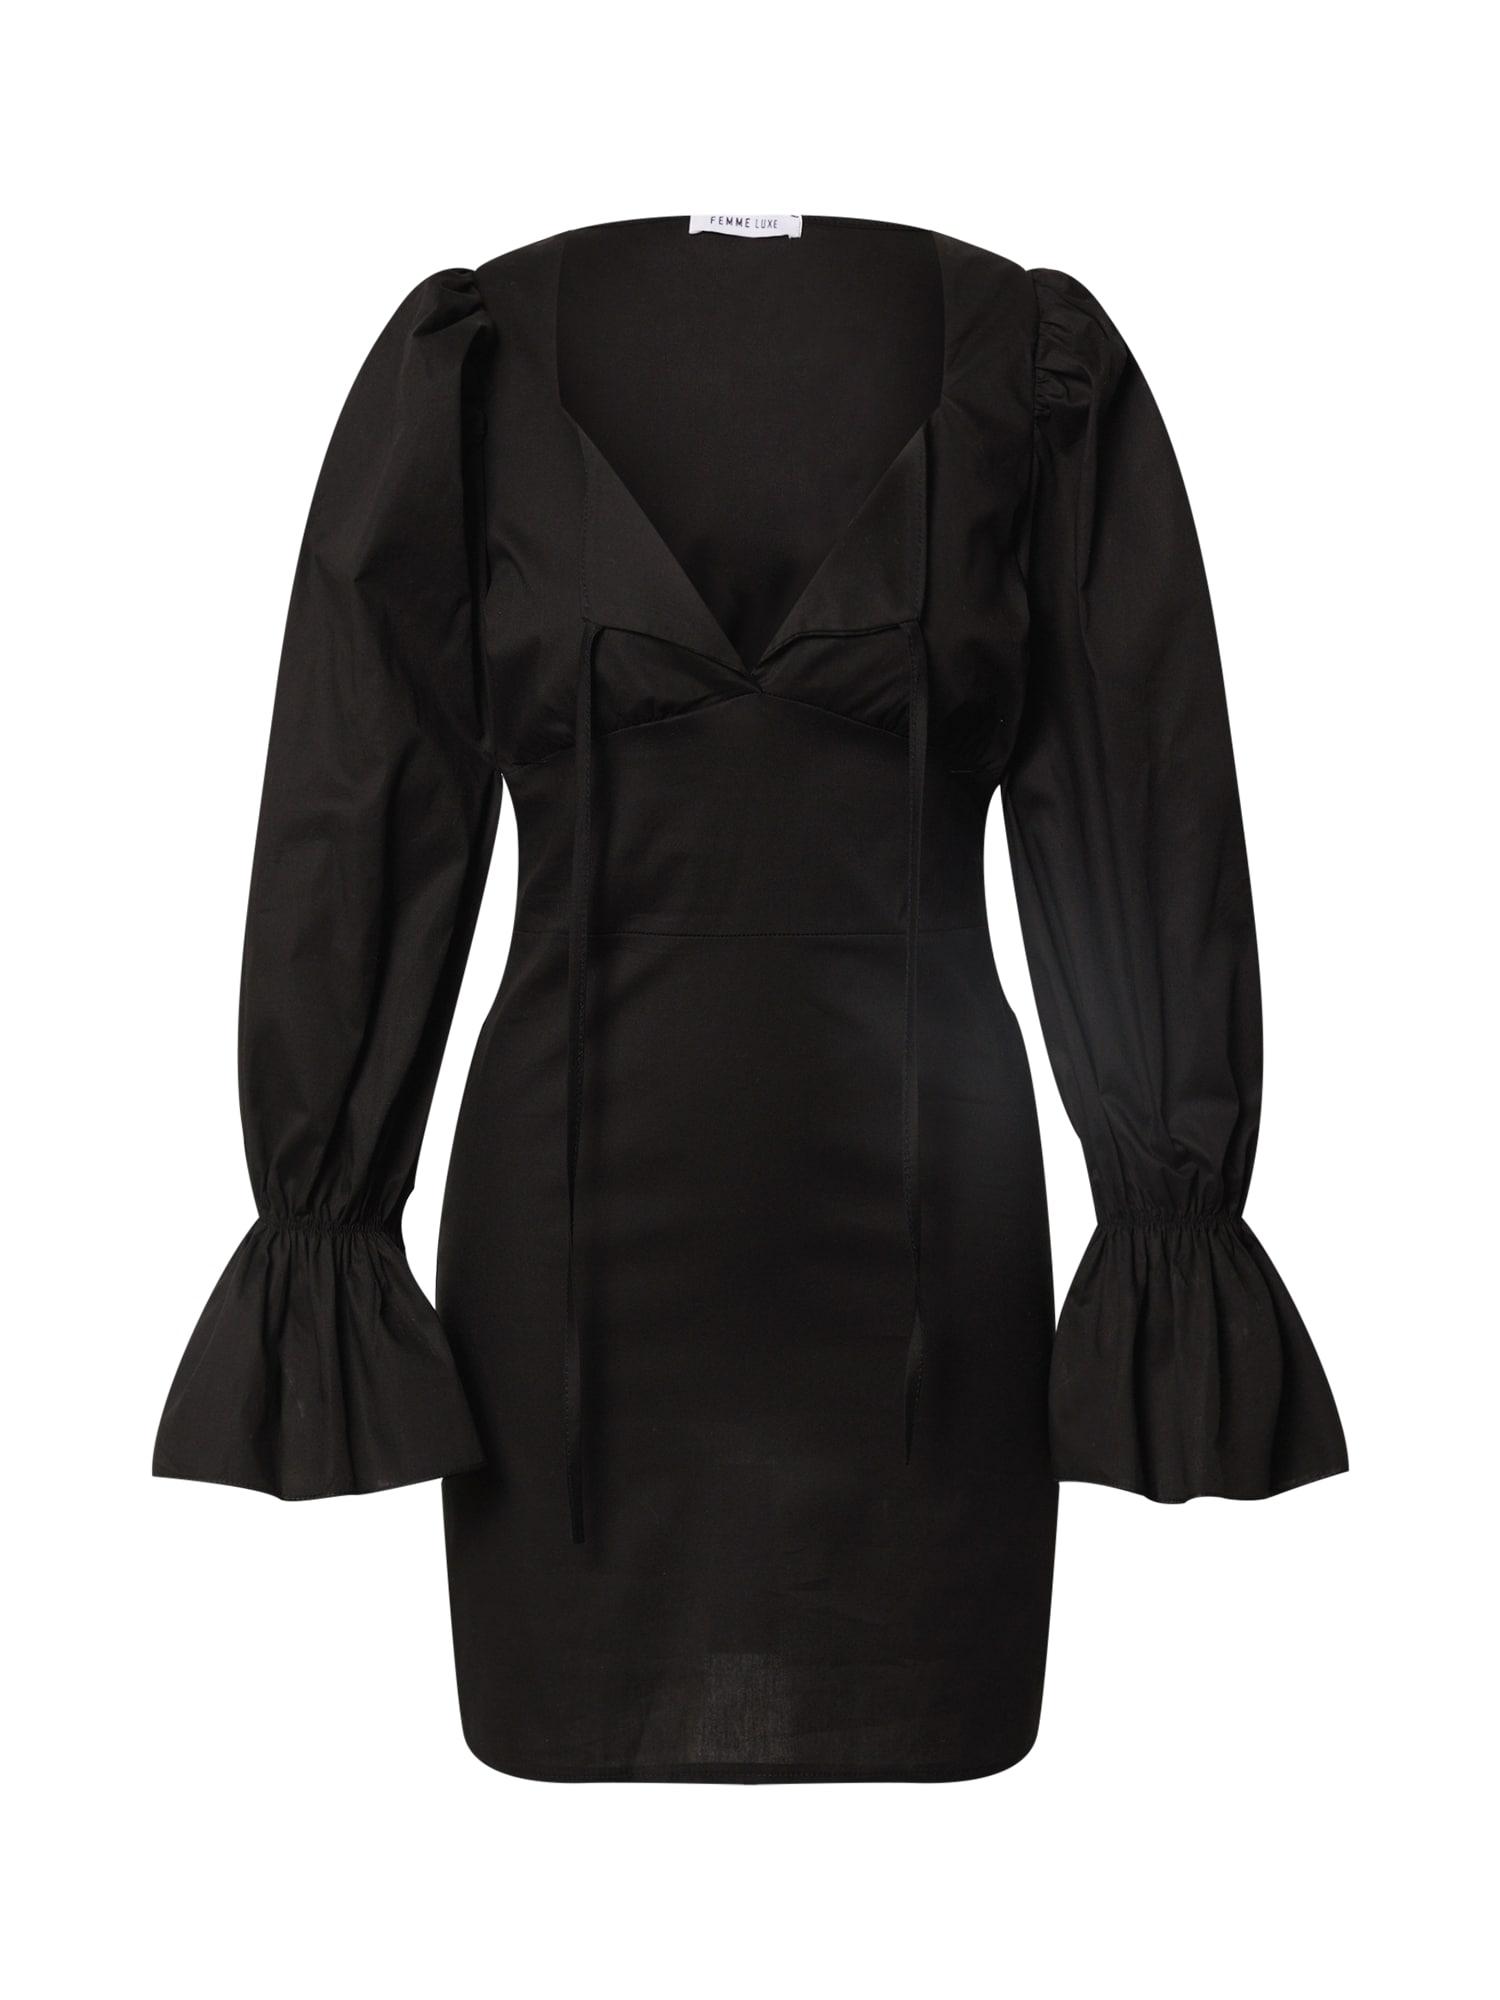 Femme Luxe Palaidinės tipo suknelė